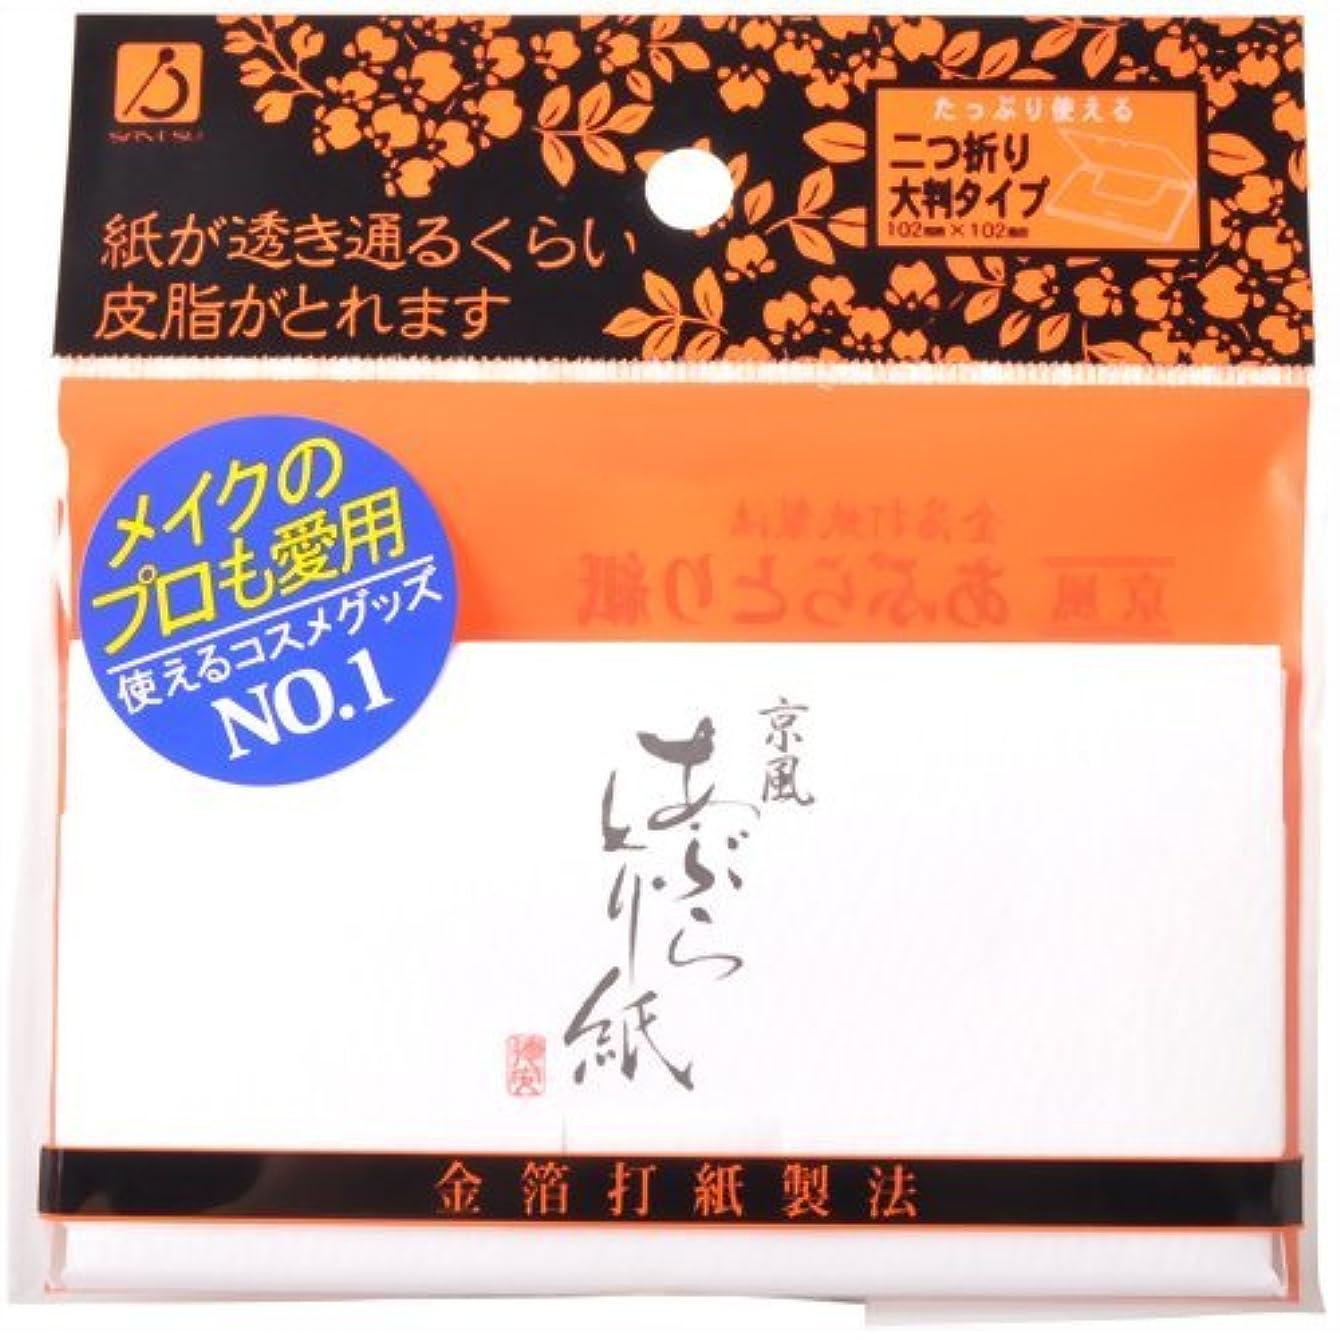 気をつけてデコレーションドリルFP-400 京風アブラトリガミ 大判 30枚